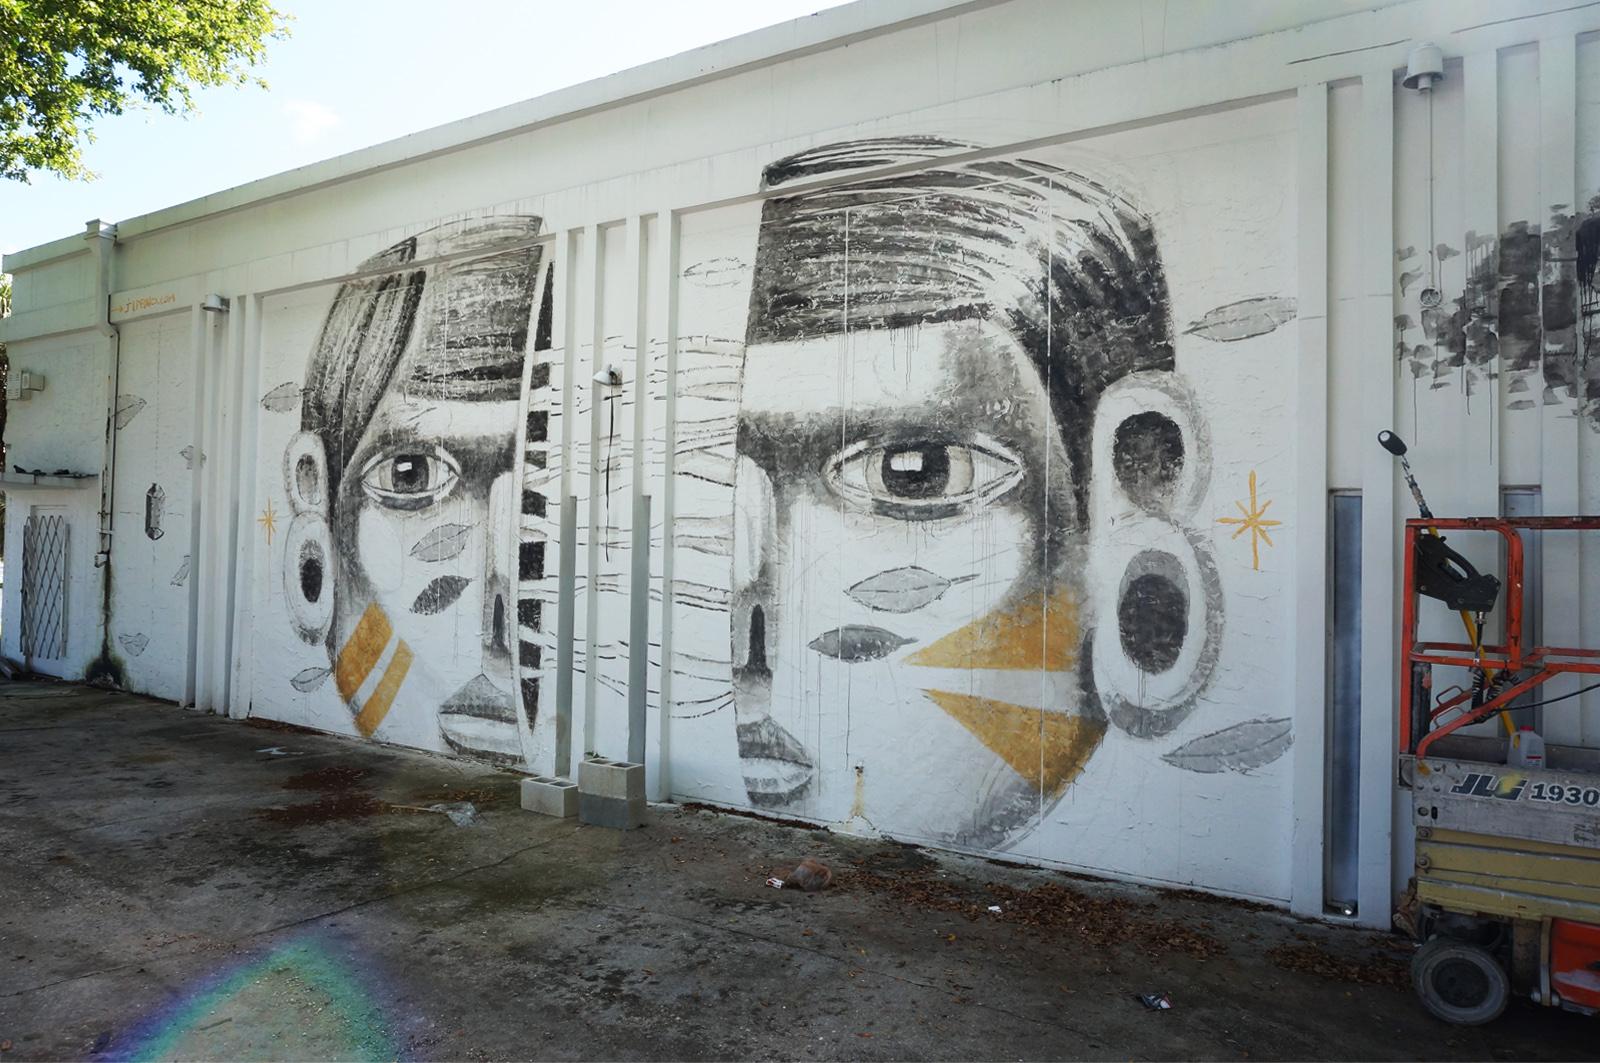 jade-desprendimento-new-mural-for-art-basel-2013-02